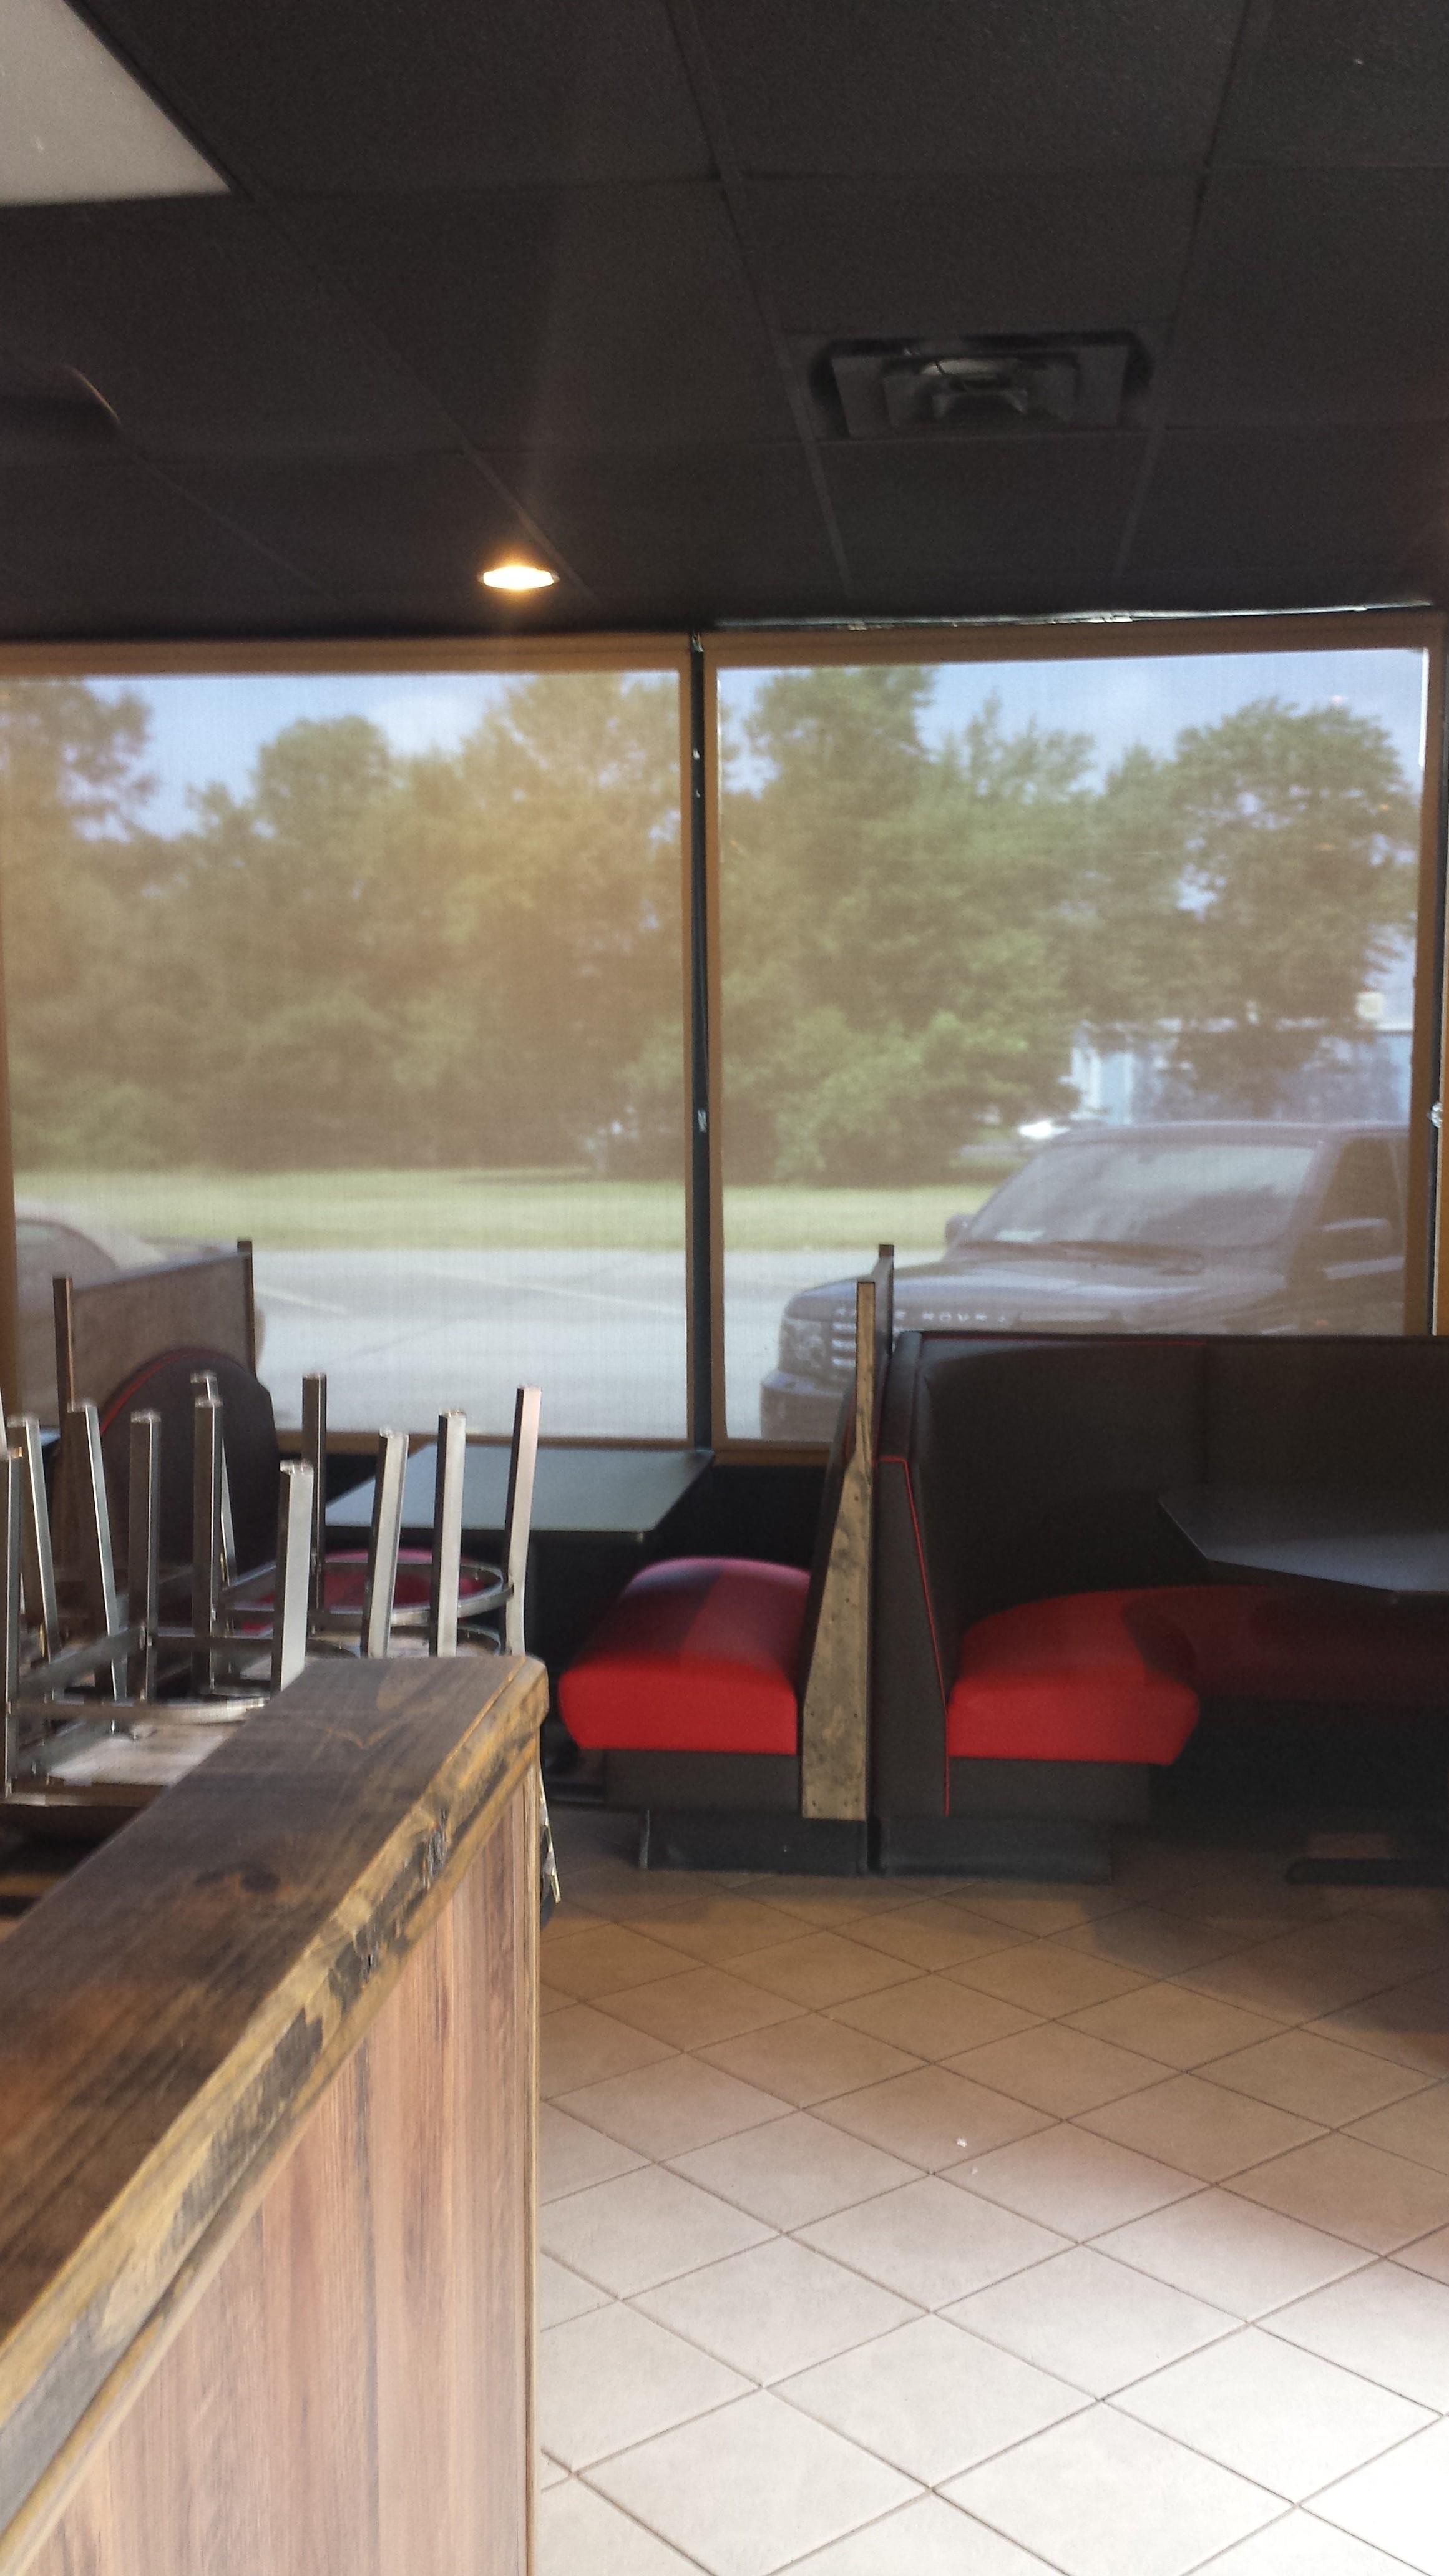 solar shade in restaurant